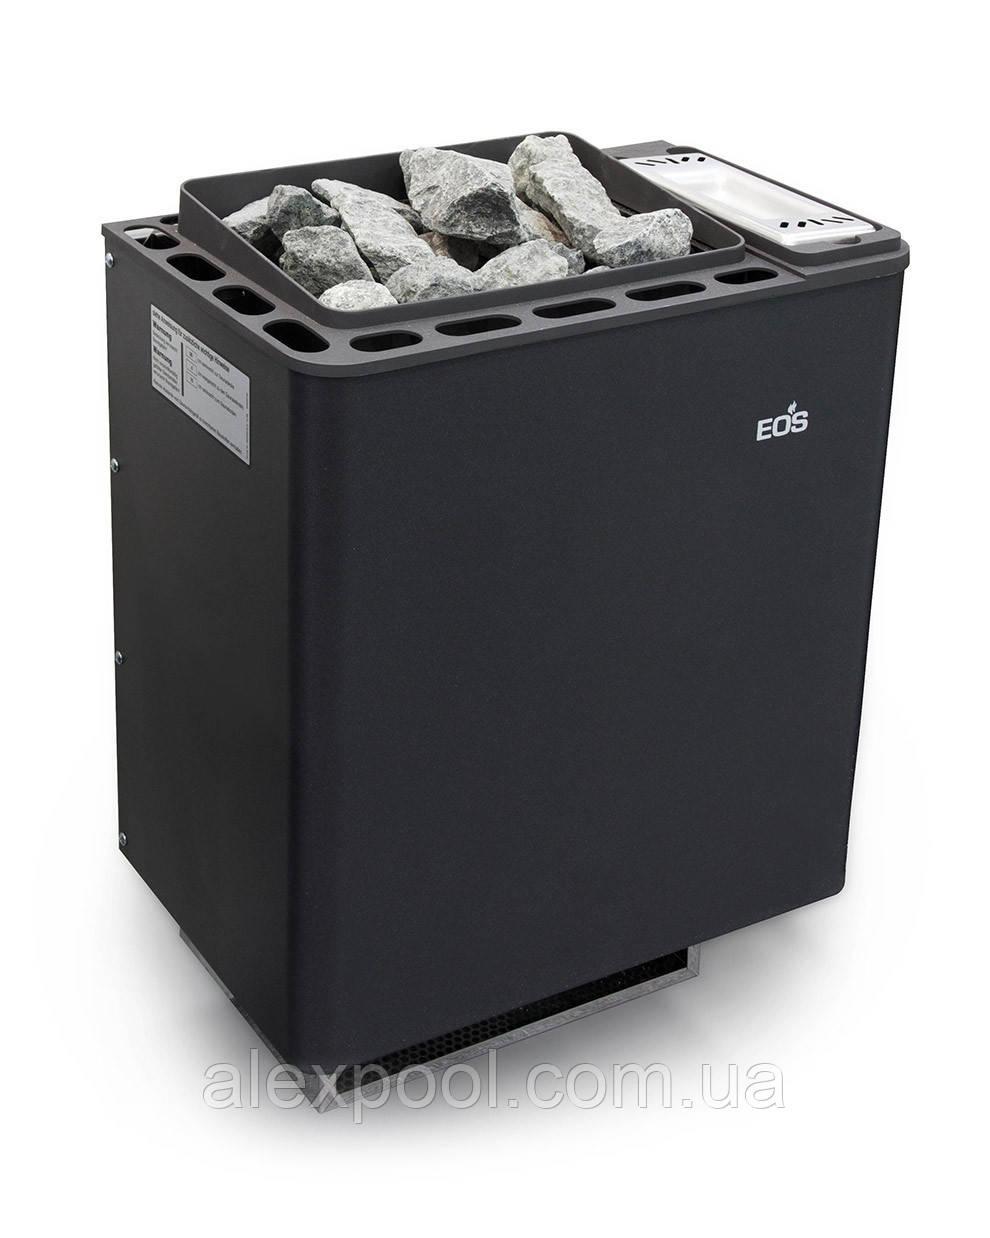 Электрическая печь EOS Bi-O Thermat 6 kW (6 кВт, 6-8 м3, 380 В ), с парогенератором